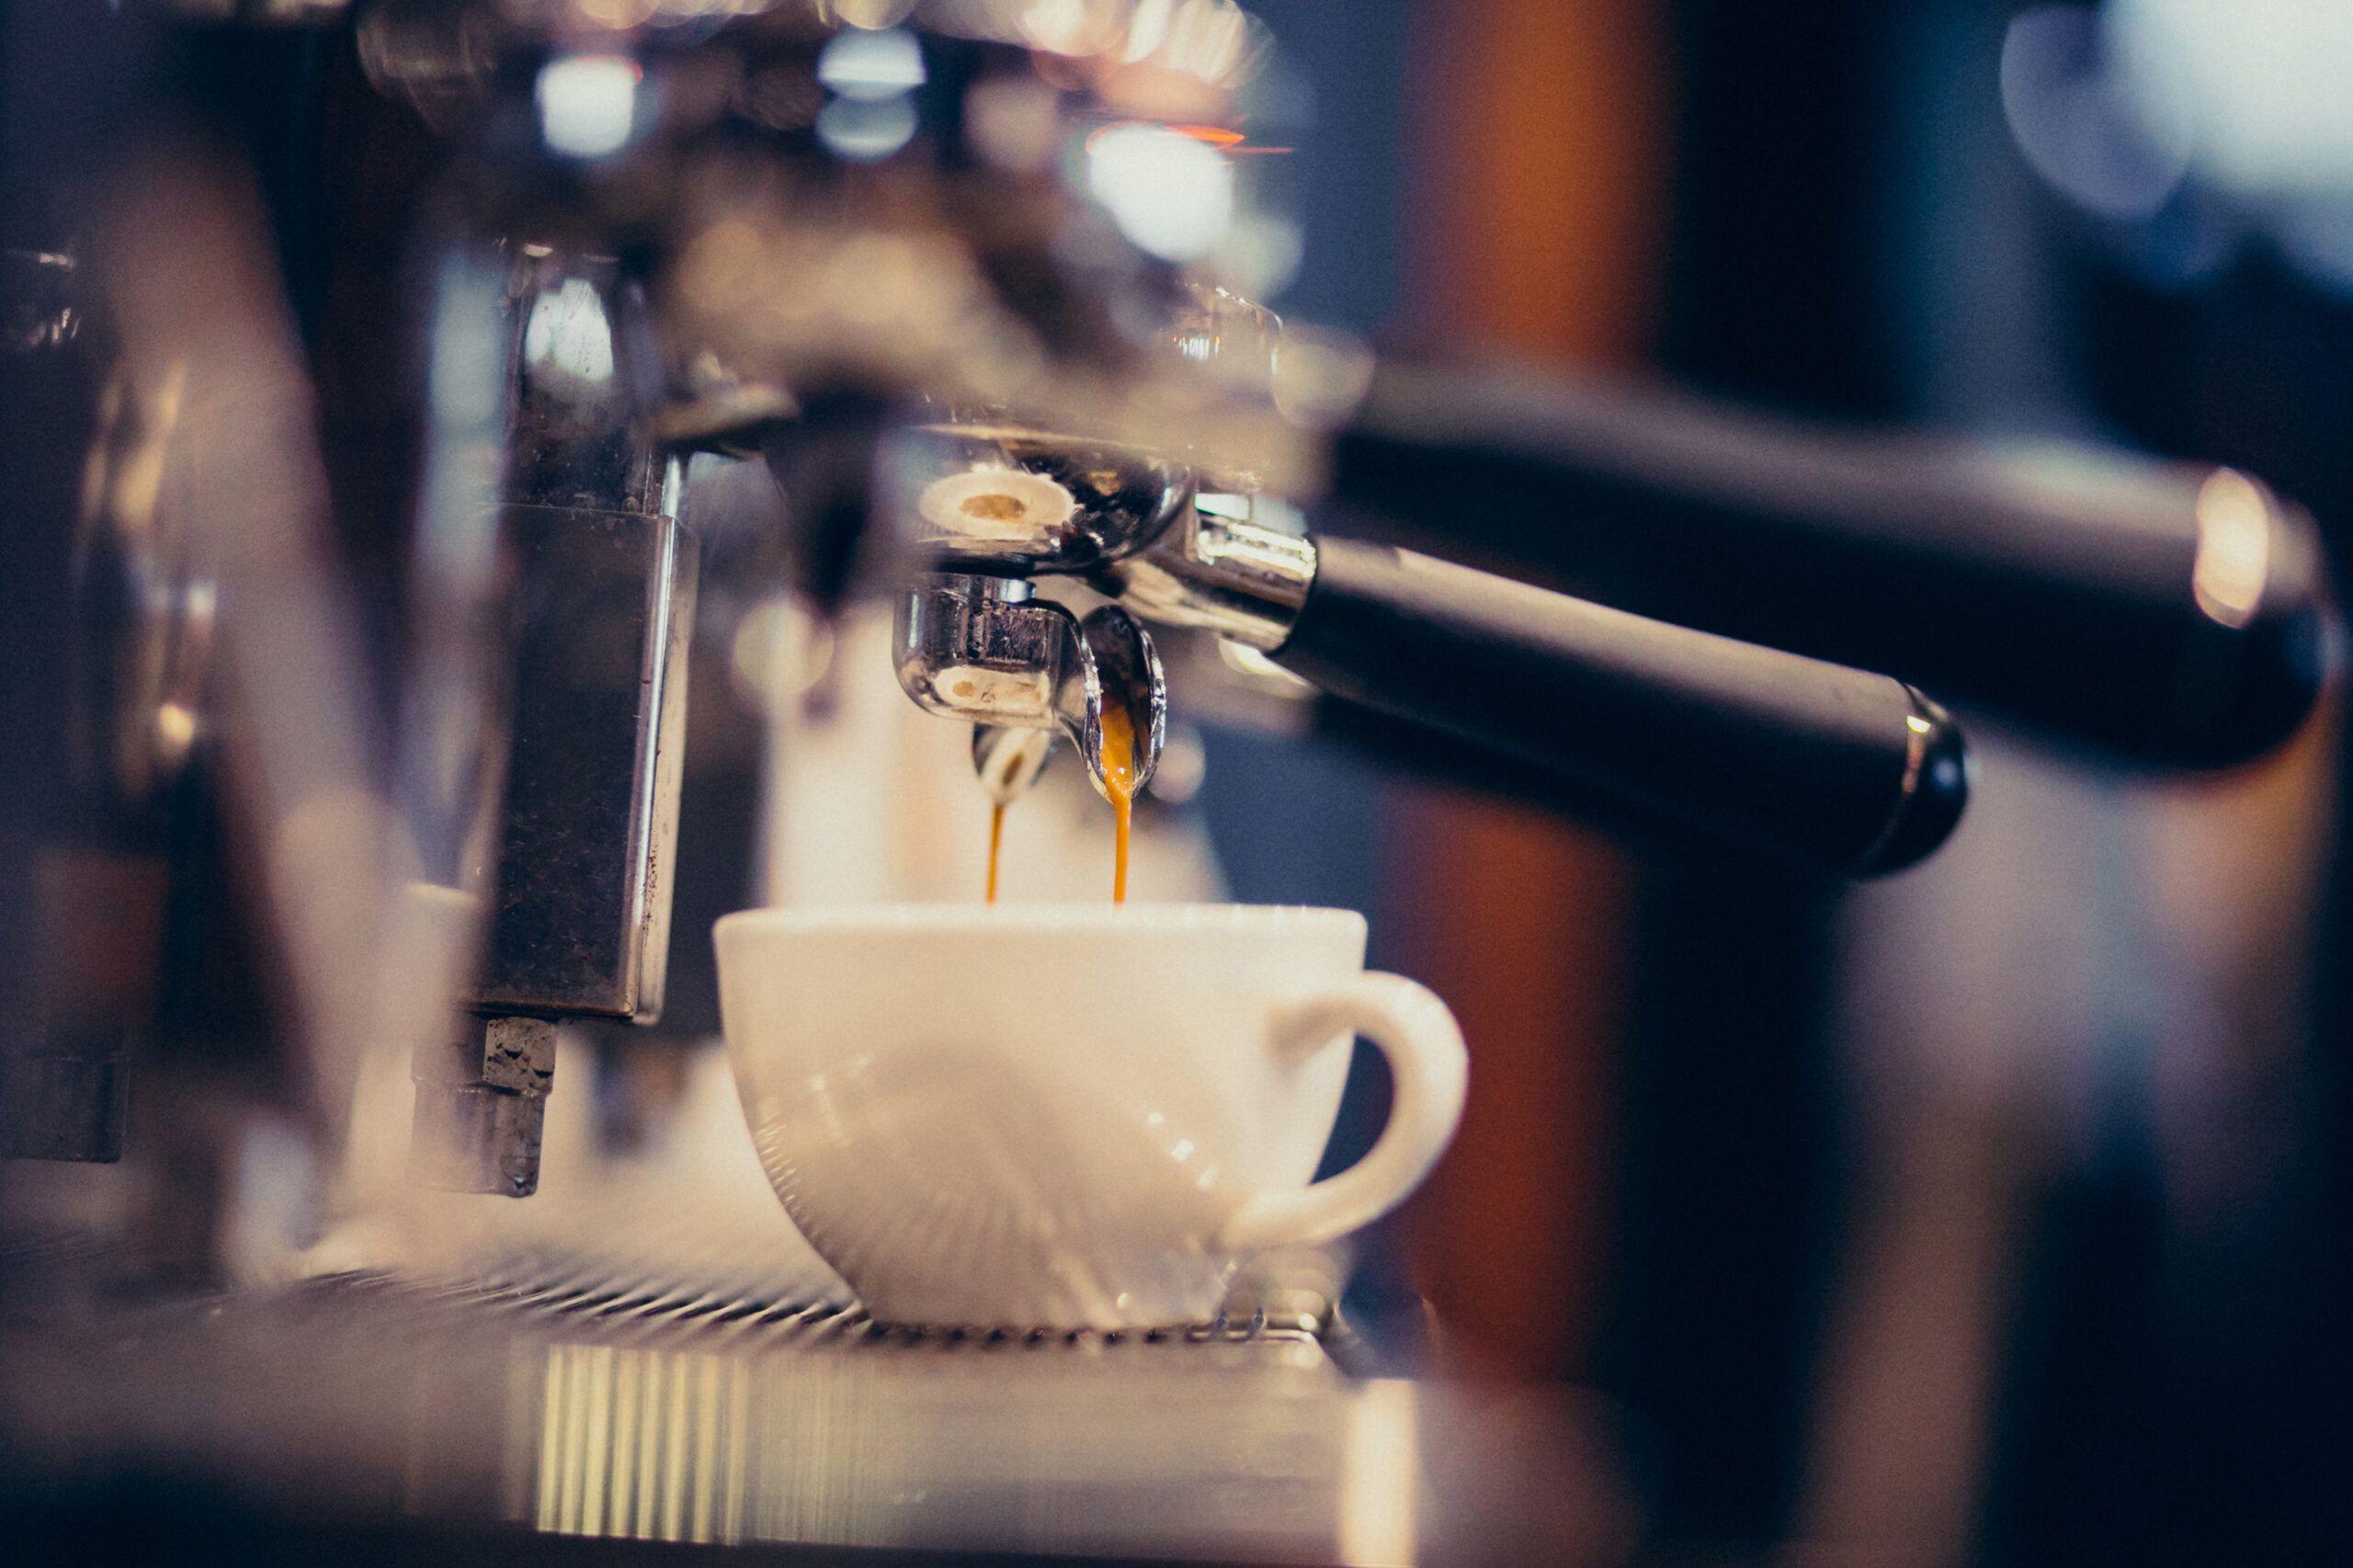 Procediment obert per a la licitació del contracte d'explotació del servei de cafeteria i bar